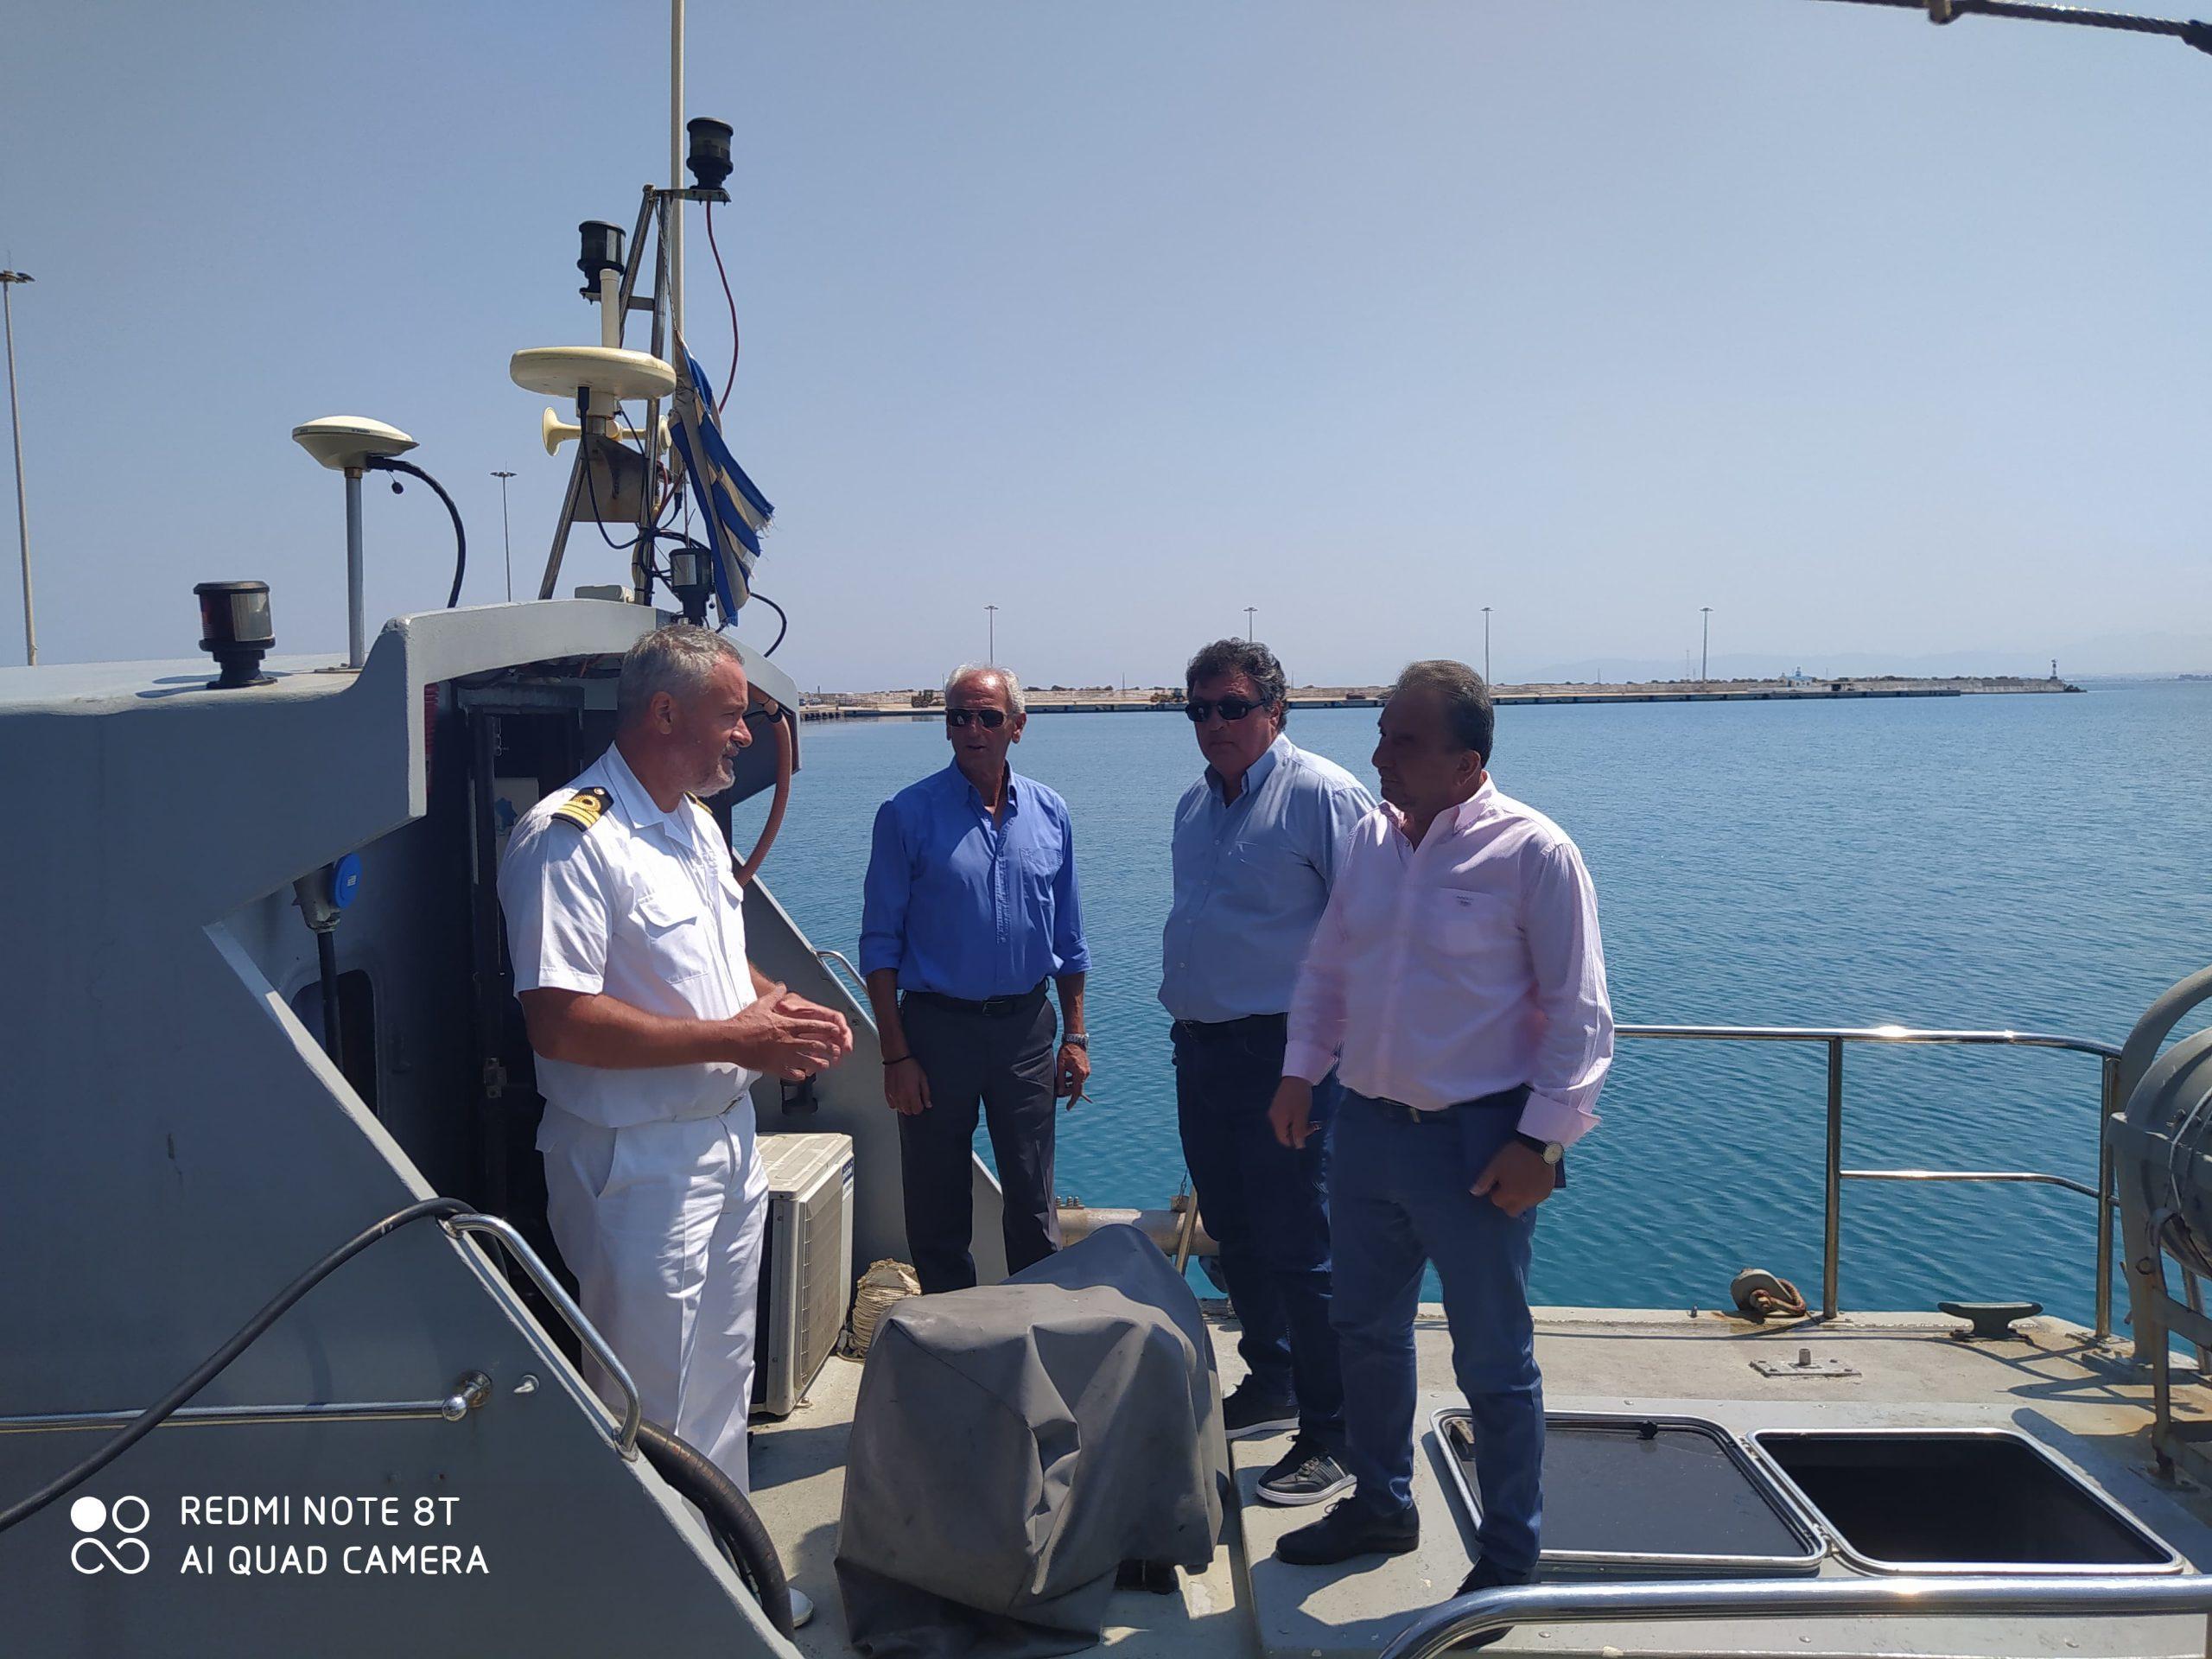 Δήμος Ανδραβίδας-Κυλλήνης: Ολοκλήρωση των εργασιών από το Υδρογραφικό (Υ/Γ) ΣΤΡΑΒΩΝ στο Λιμάνι της Κυλλήνης (photos)